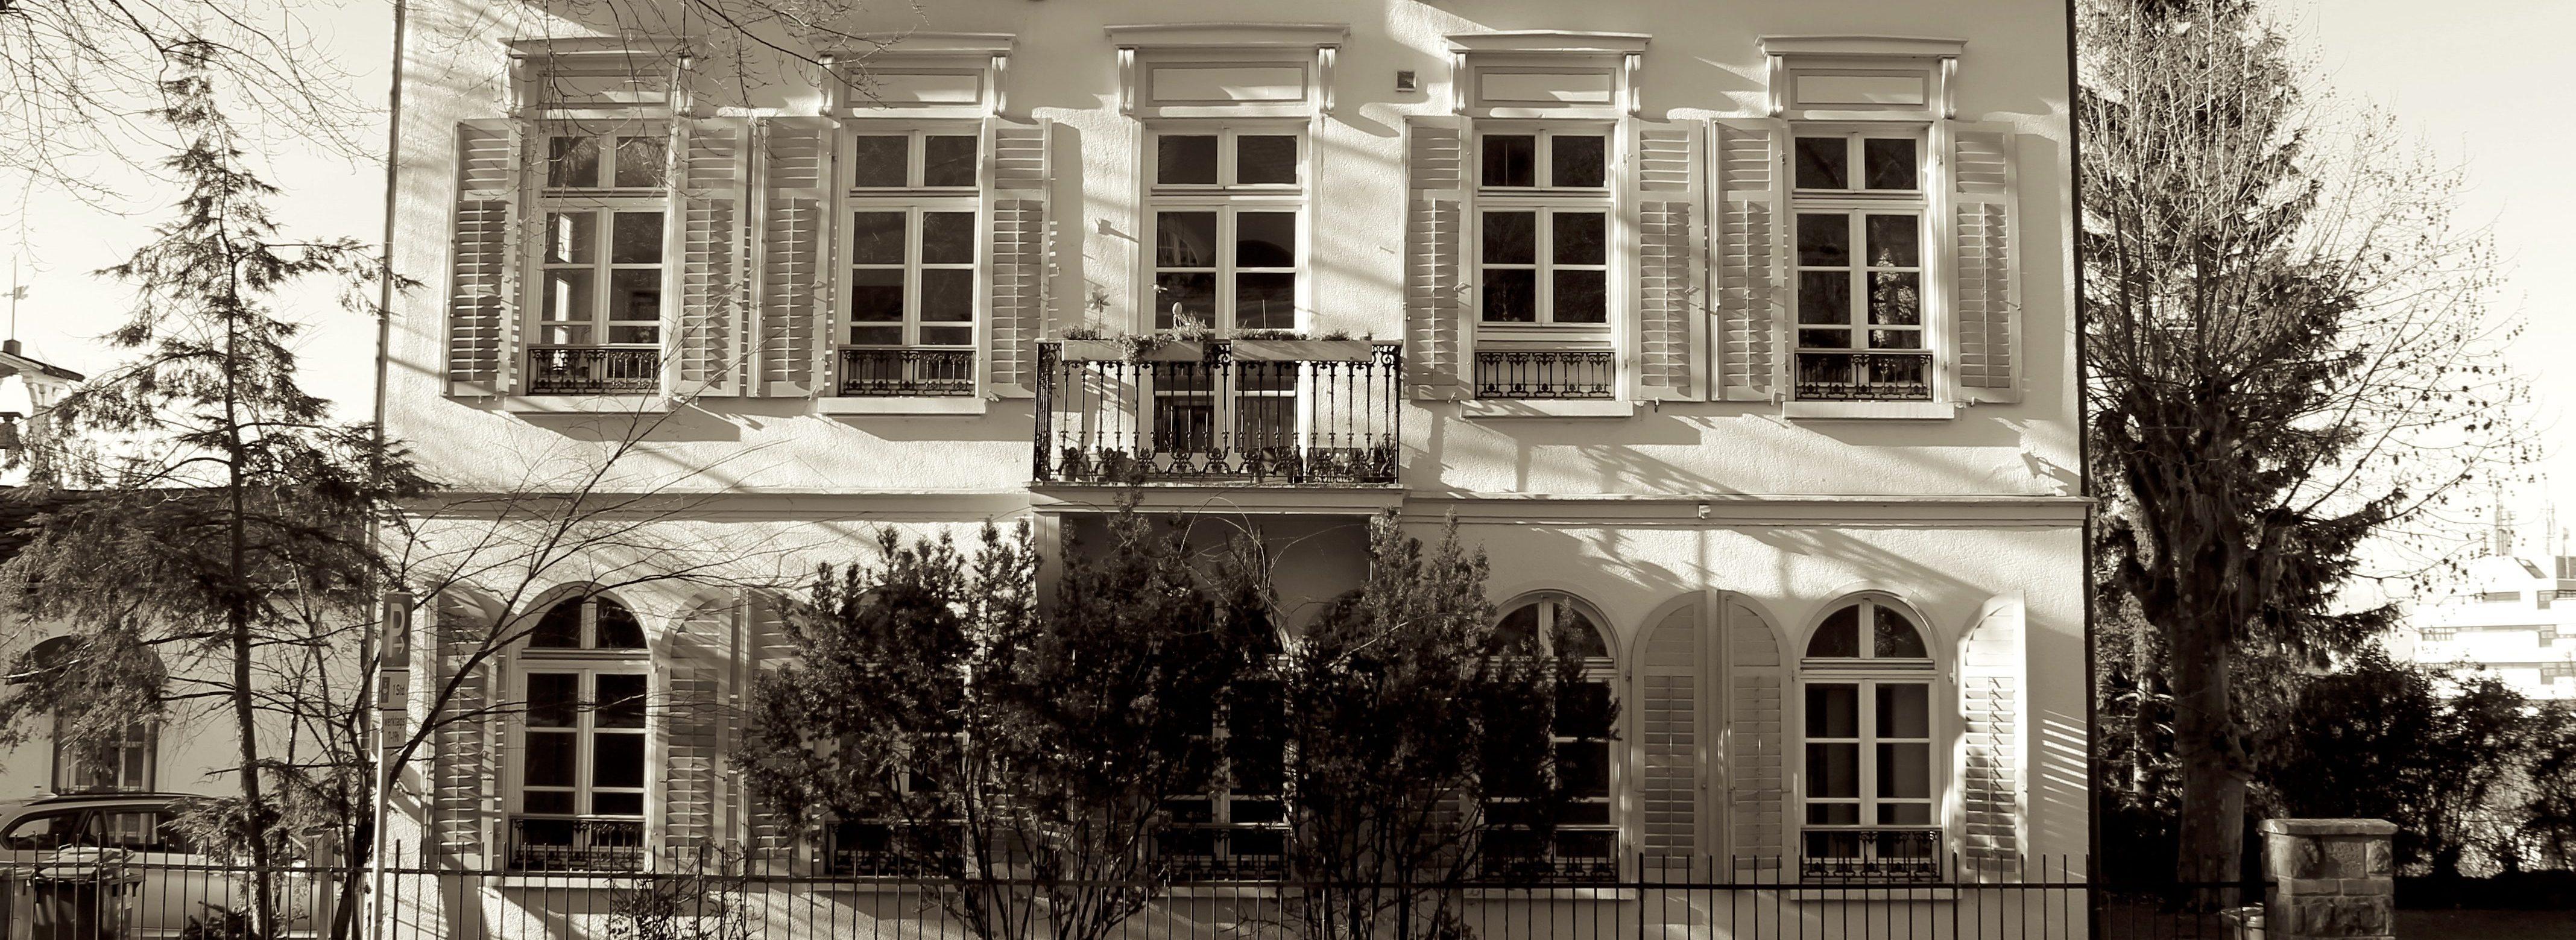 GSK Immobilien Entwicklung und Vermarktung AG